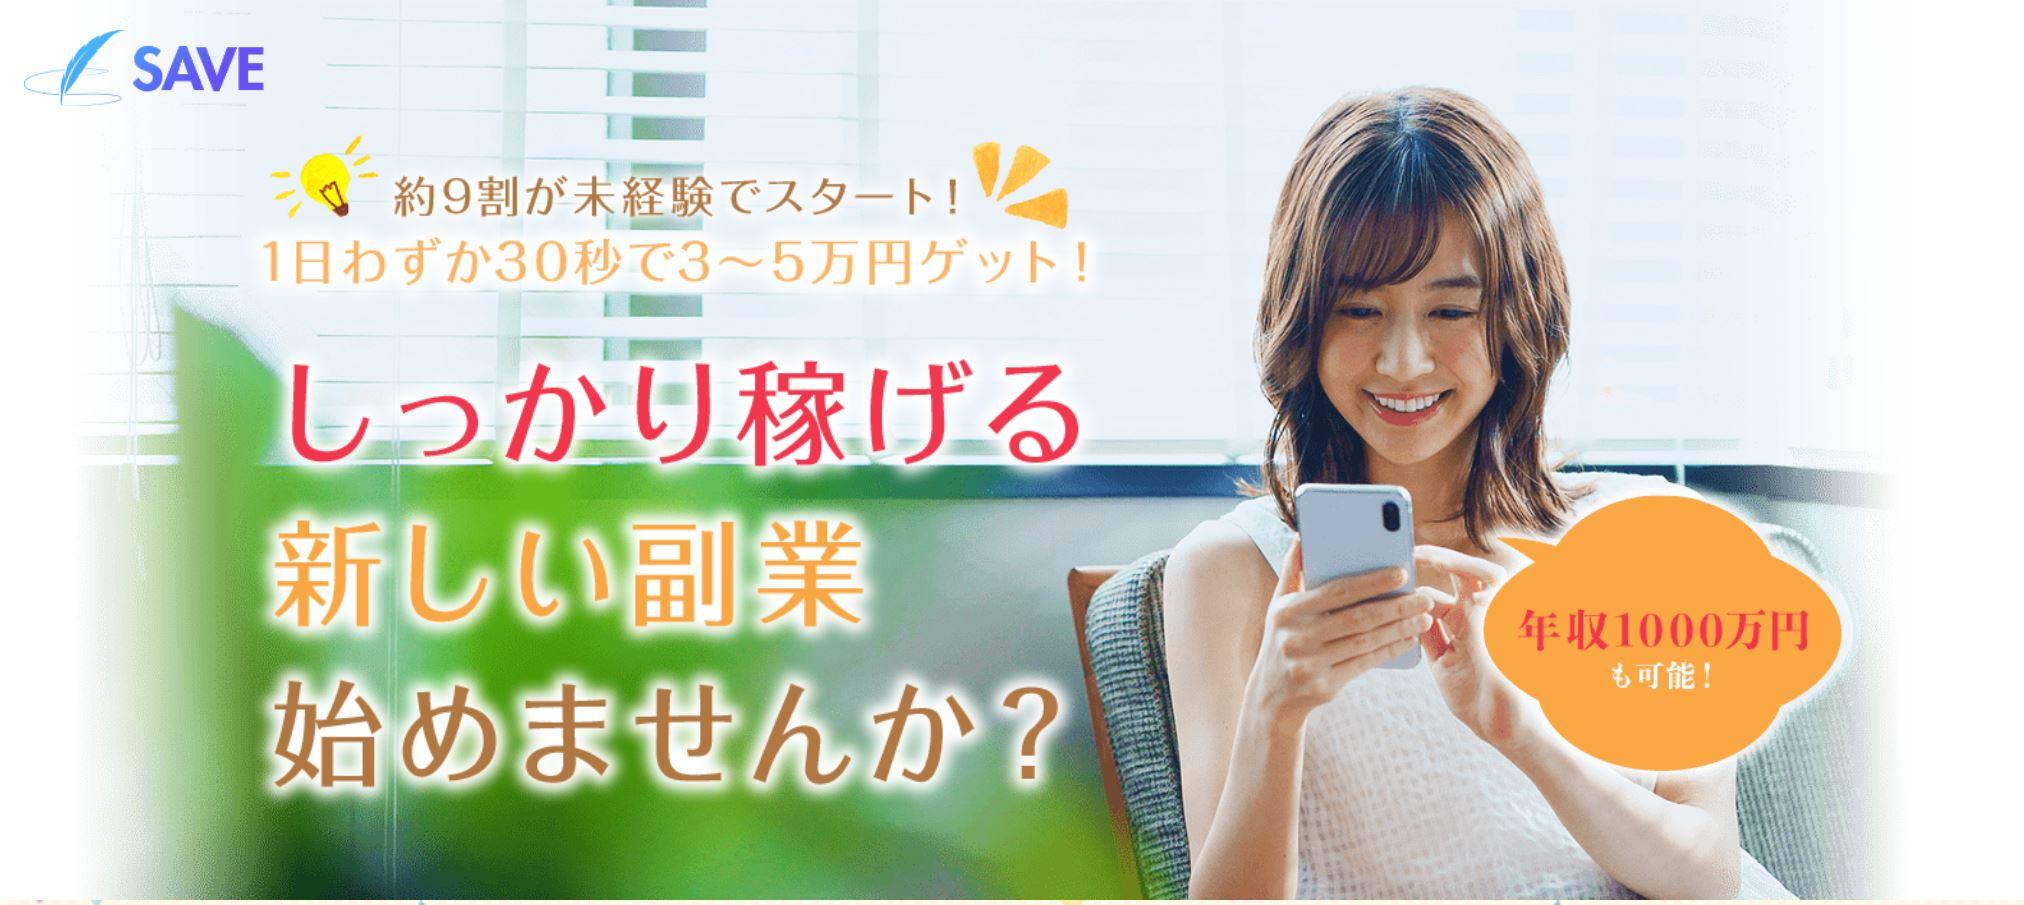 デモサイトに惑わされないで SAVE 里昇 30秒で3~5万円稼げる?